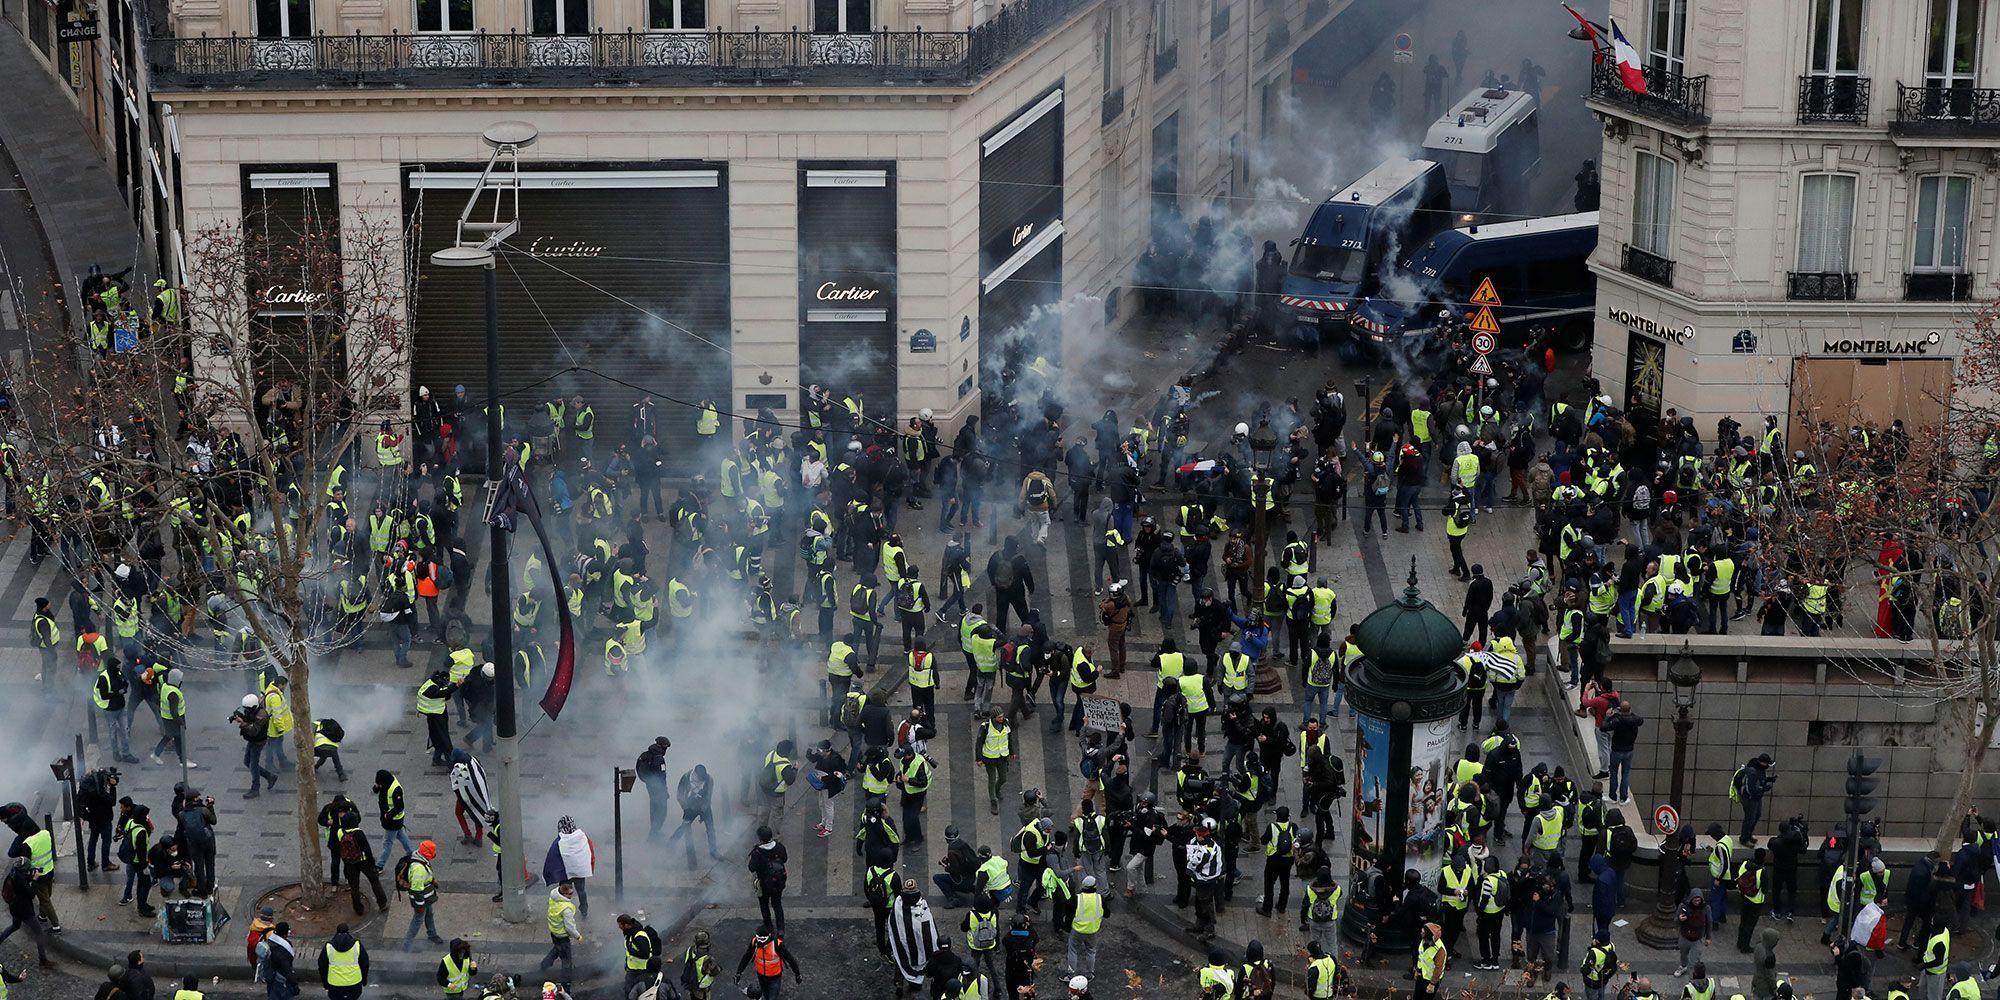 Notre photographe a été frappé samedi matin devant le magasin Cartier, en haut de l'avenue des Champs-Elysées.